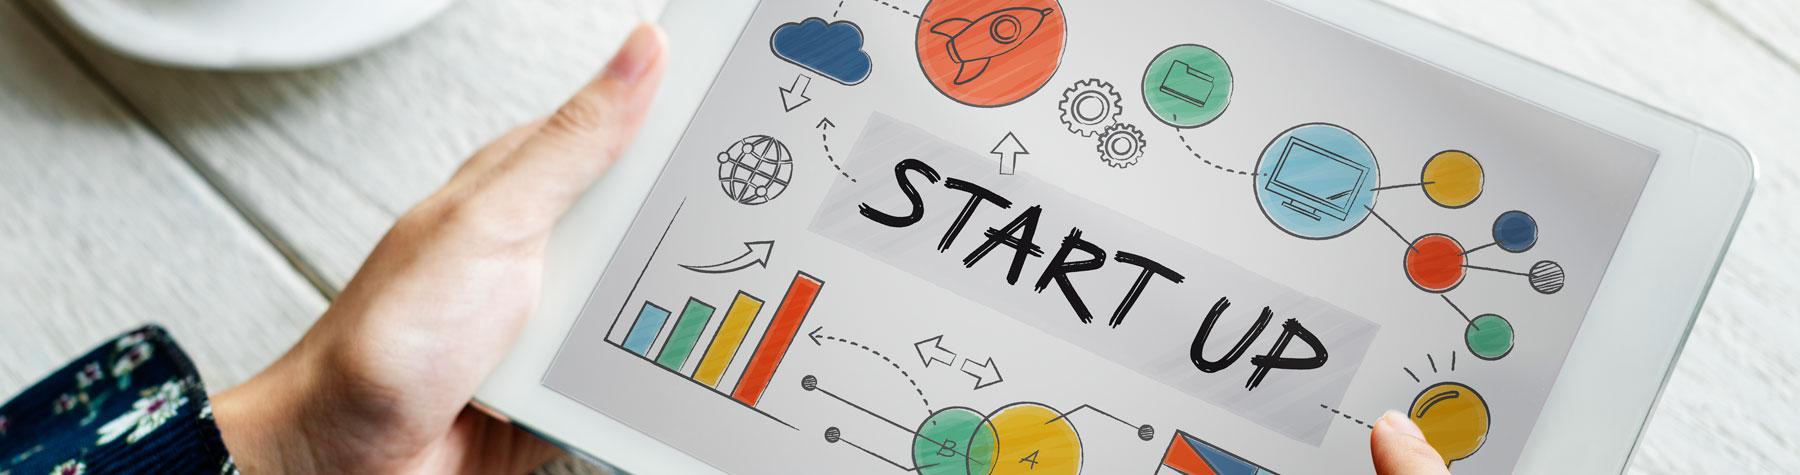 header-venture-startup